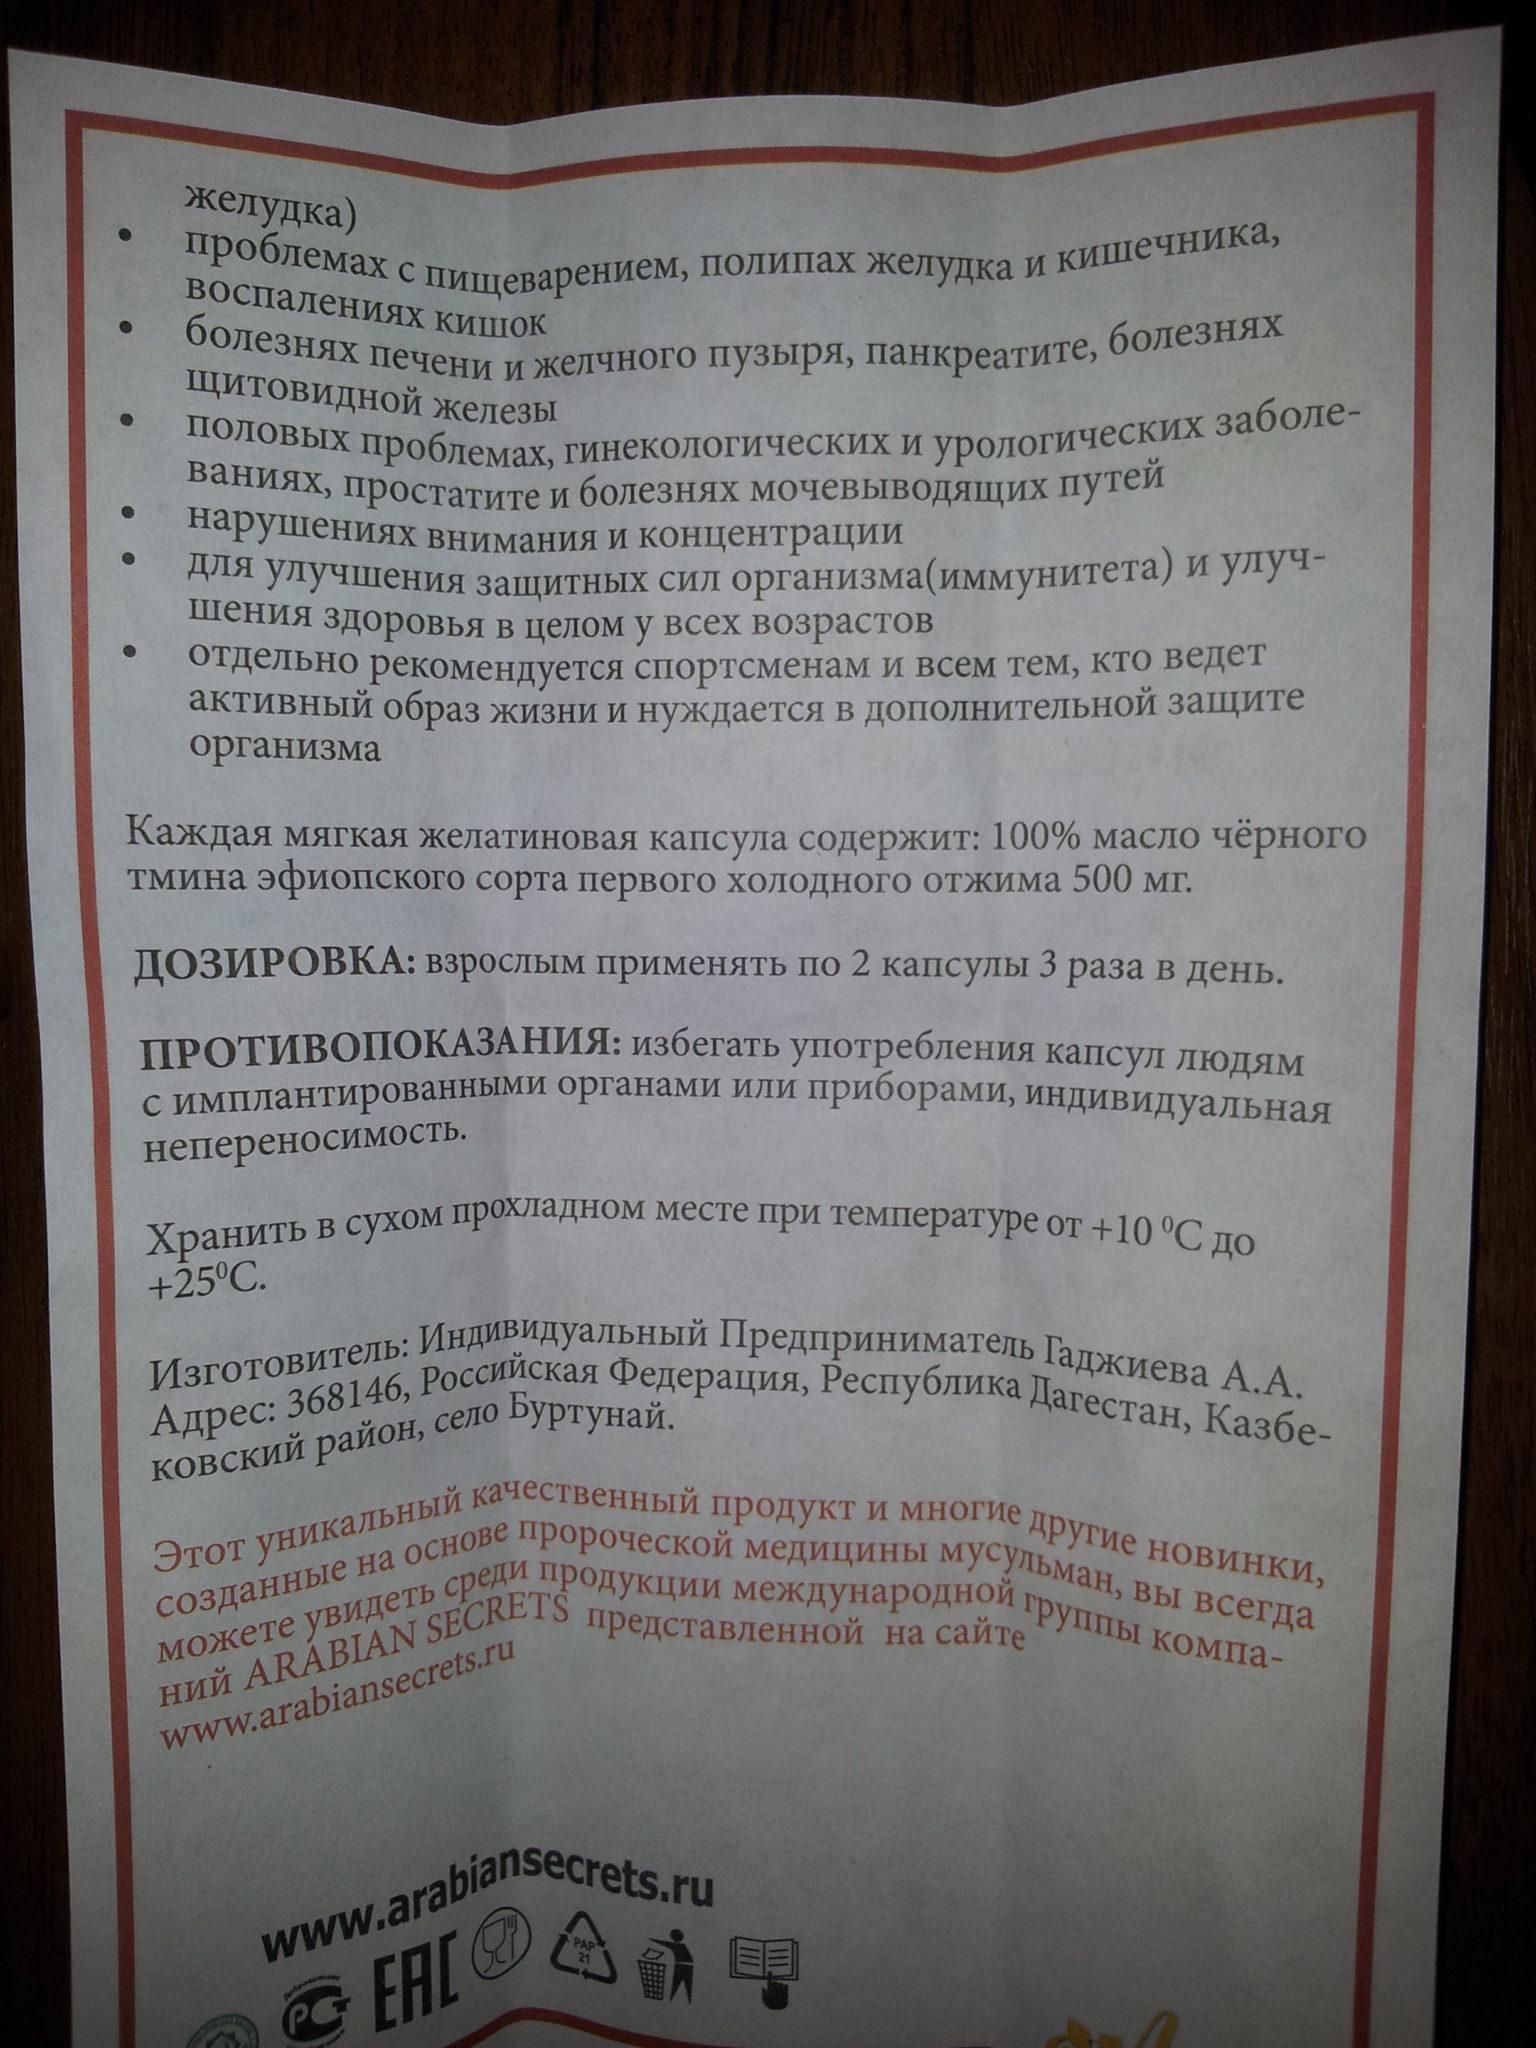 Капсулы Baraka - масло черного тмина, инструкция по применению